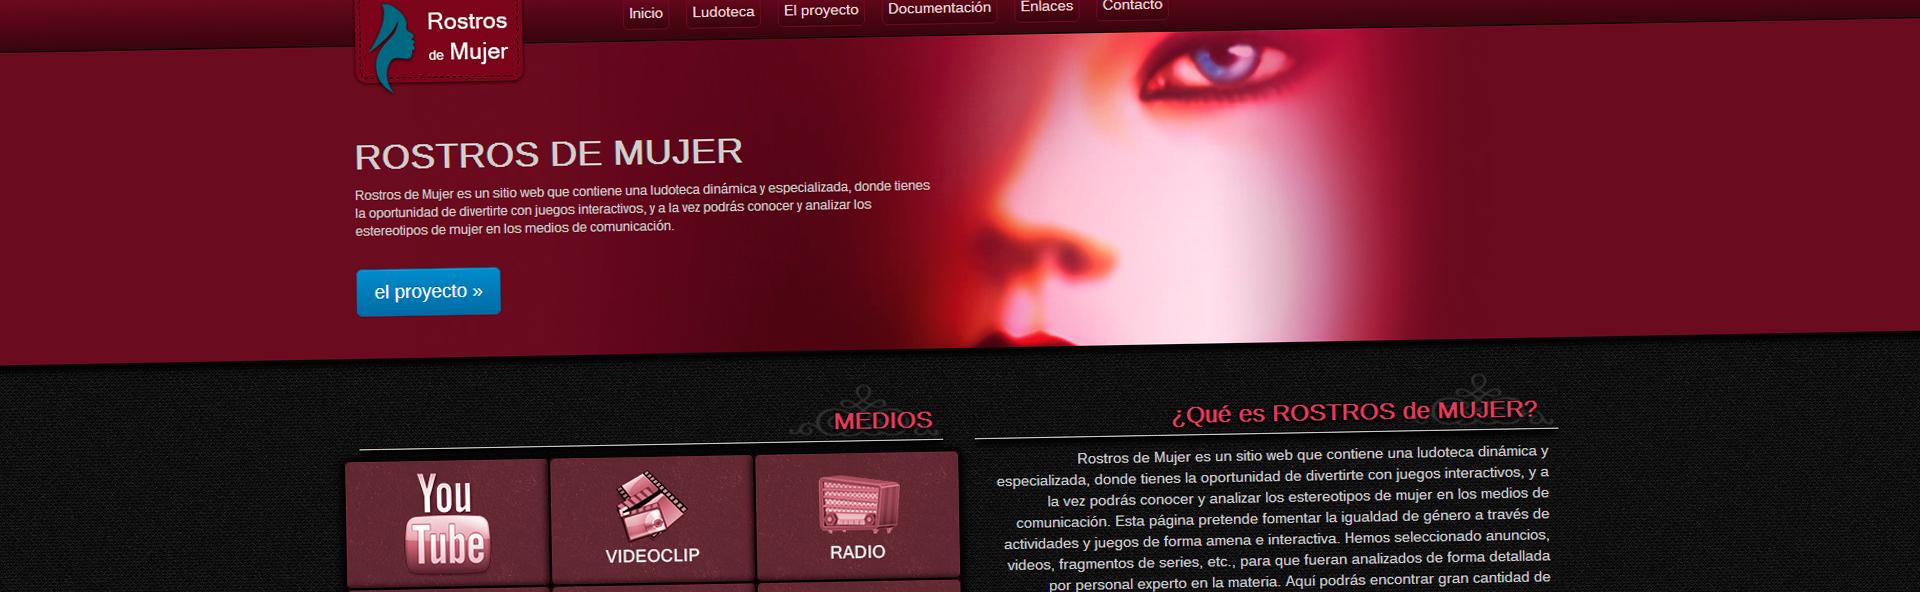 Captura de pantalla - Rostros de mujer - Diseño web